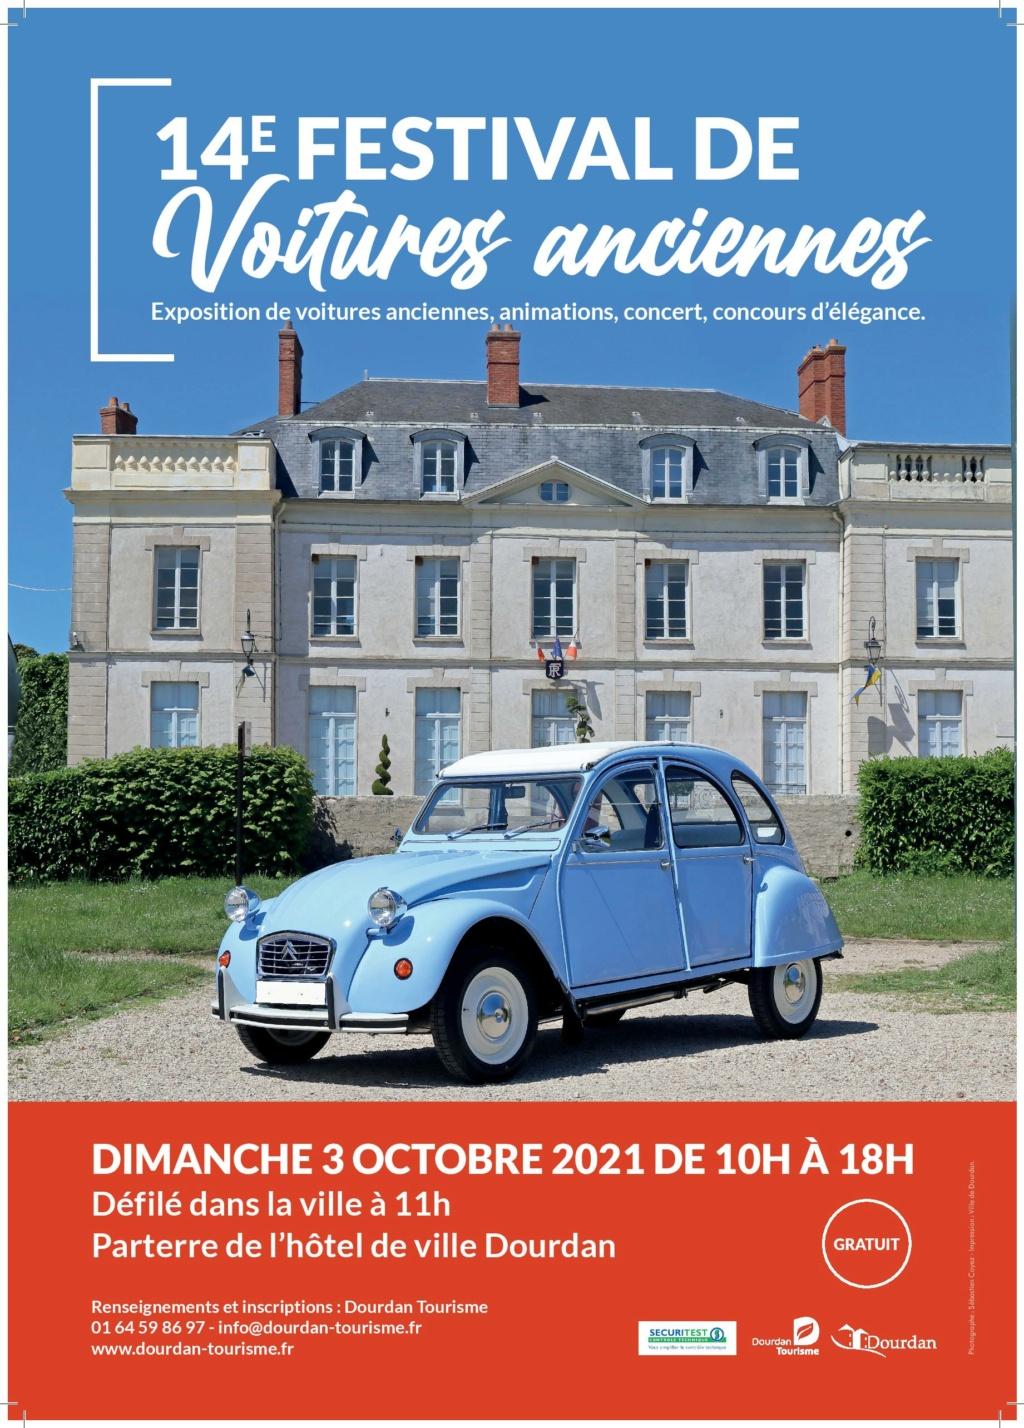 14ème festival de voitures anciennes de Dourdan Affich10